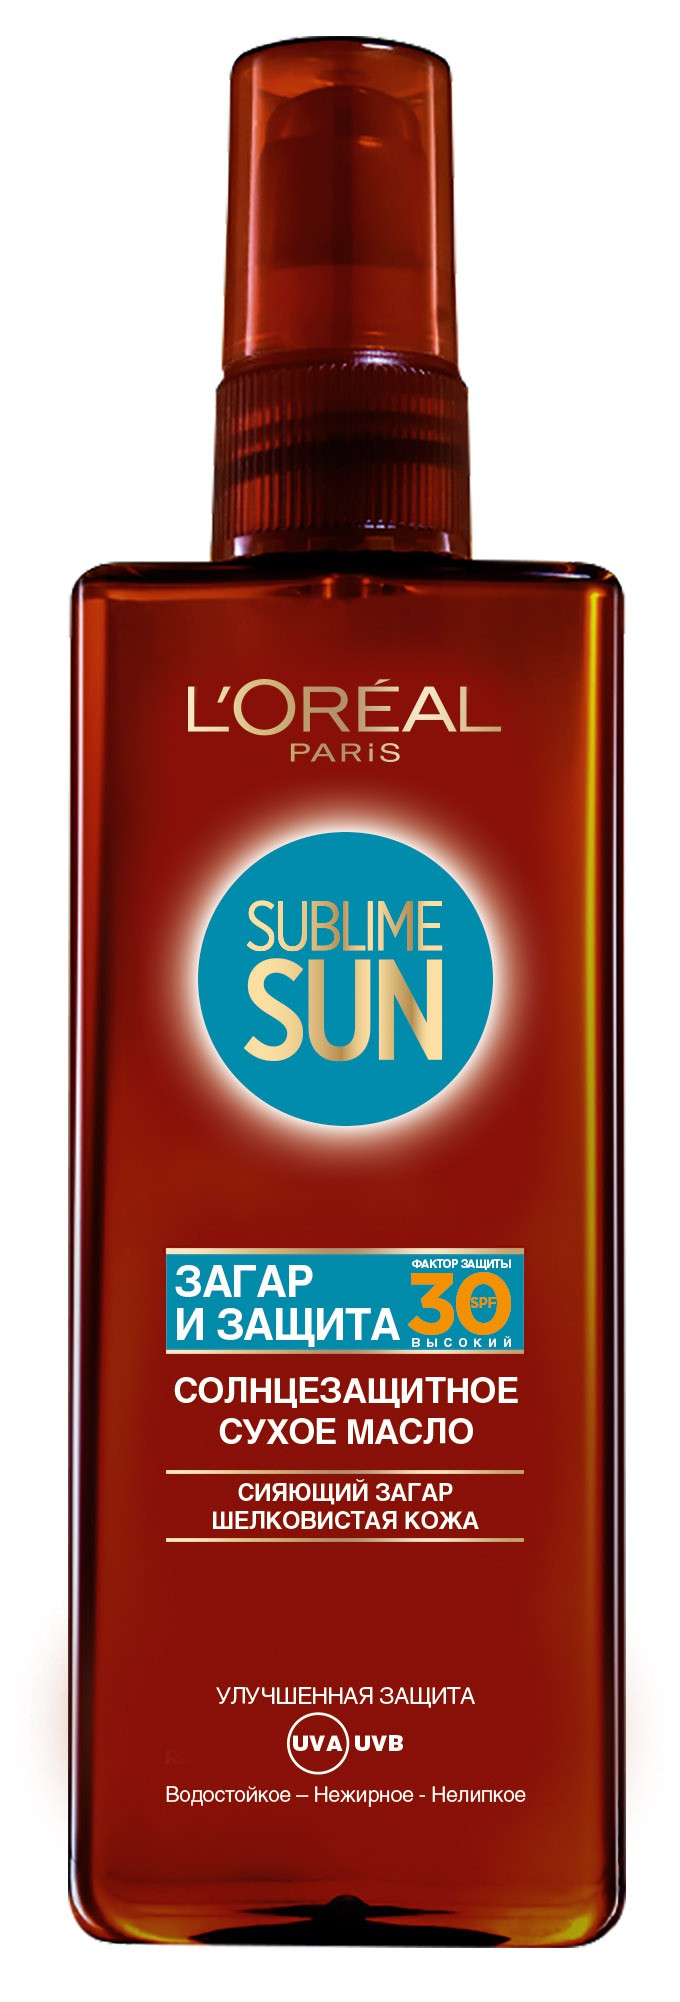 LOreal Paris Sublime Sun Сухое масло Загар и Защита, солнцезащитное, SPF 30, 150 млA6998014Солнцезащитное масло для тела Сублим Сан, Загар и Защитасо степенью защиты SPF 30 подарит Вам– роскошный ровный загар без ущерба для здоровья и красоты Вашей кожи. Система фильтров Mexoryl XLзащищает кожу от негативного воздействия солнца на кожу. Сухое масло одновременно ухаживает и питает кожу. Сухая текстура масла питает кожу . Совершенный загар: бархатная кожа, золотистый ровный загар.